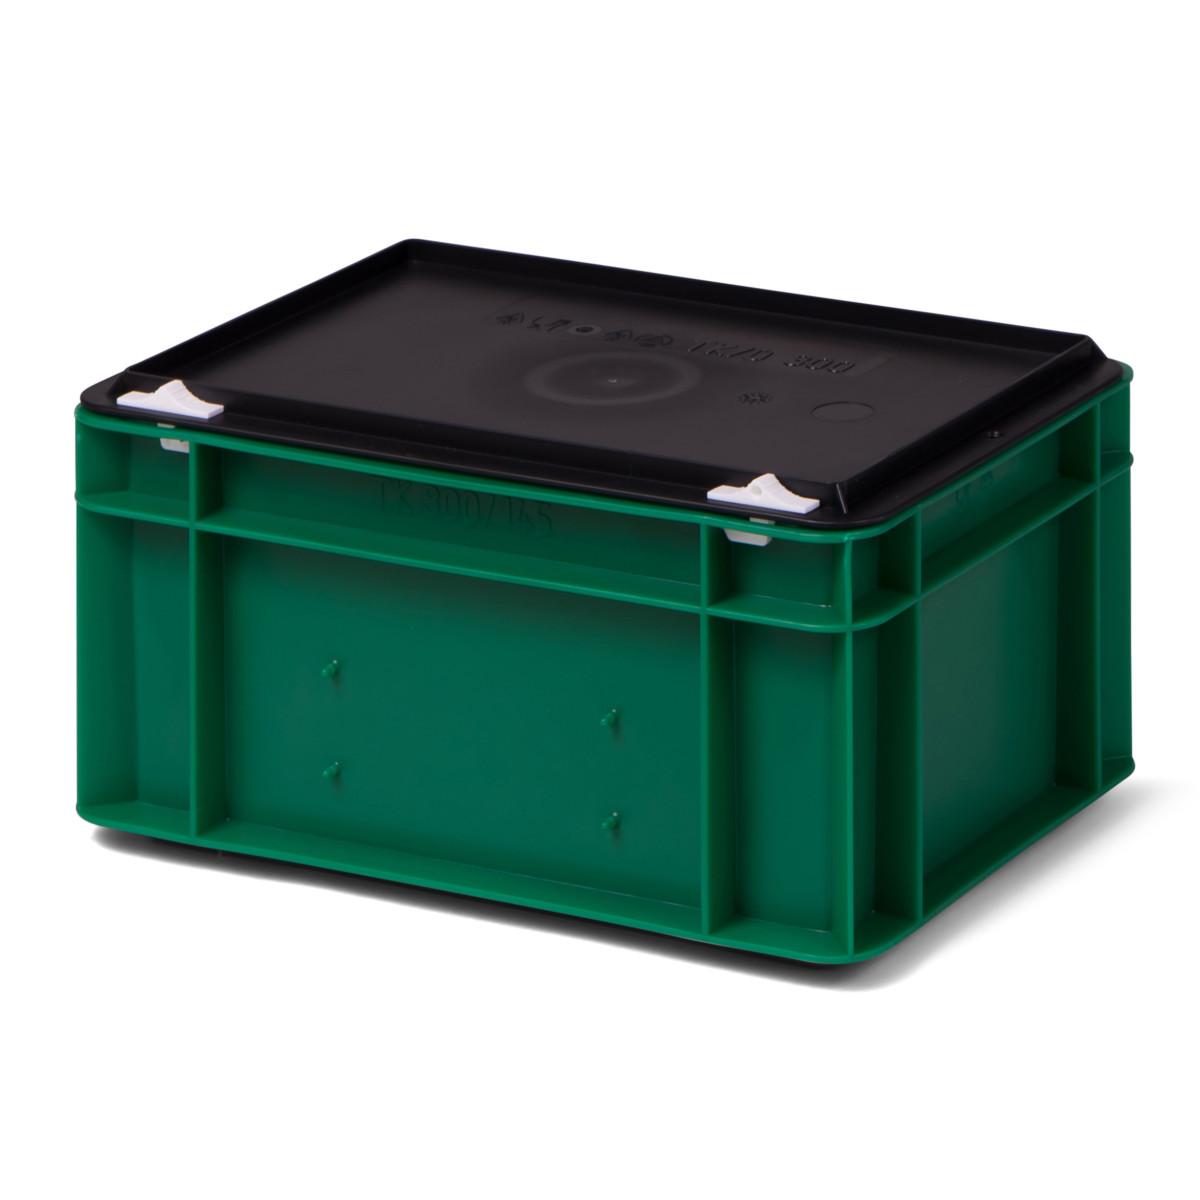 transport stapelbox k tk 300 145 0 mit schwarzem. Black Bedroom Furniture Sets. Home Design Ideas